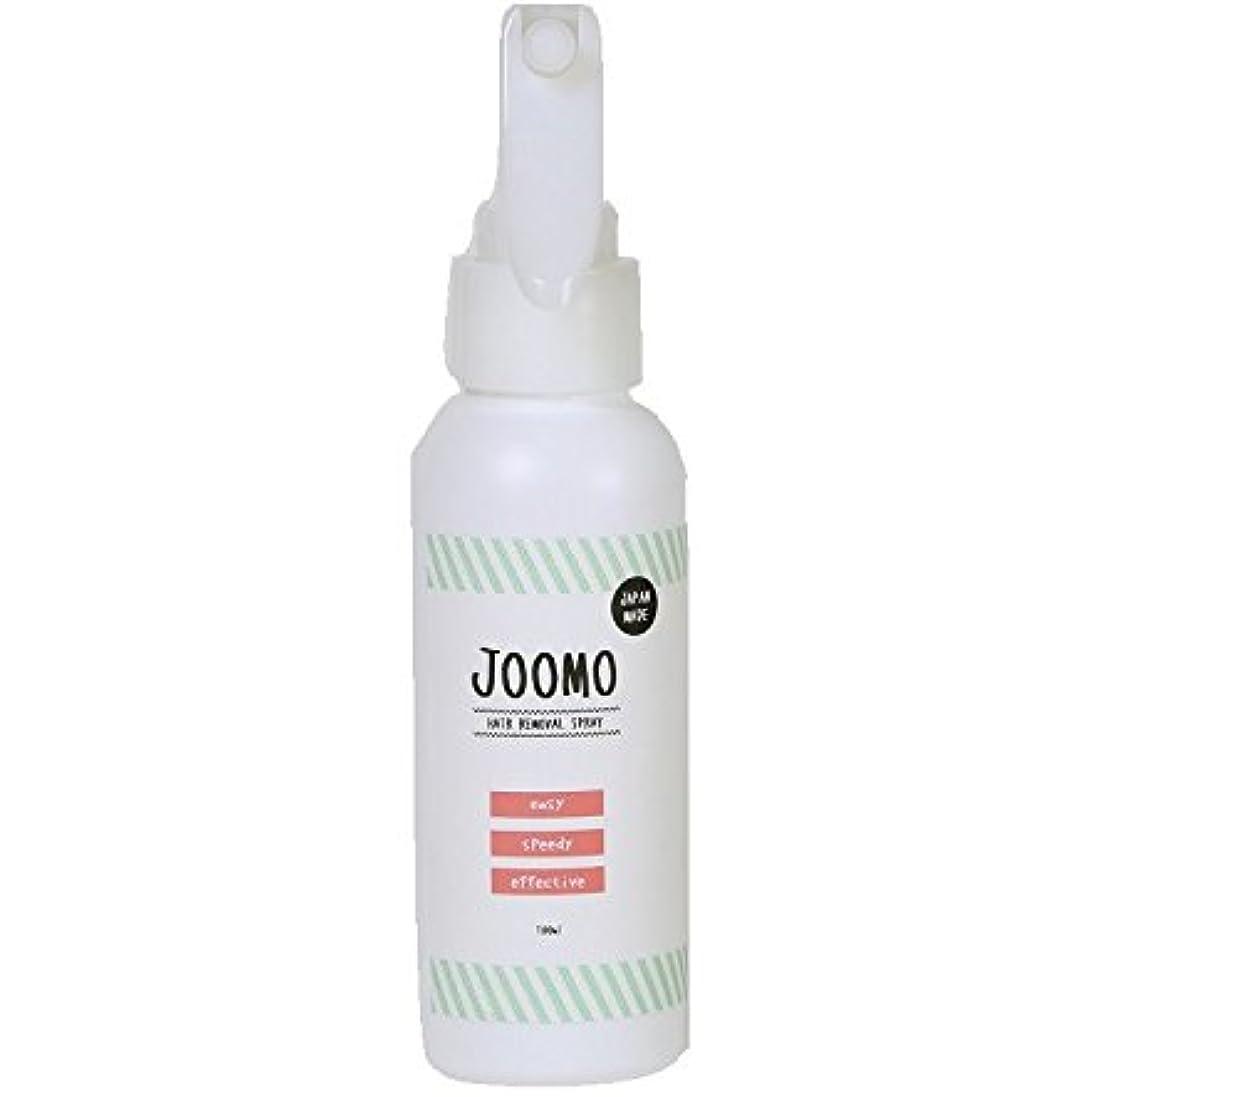 バルセロナ批判的にリーガンさずかりファミリー JOOMO(ジョーモ) 除毛スプレー 【公式】医薬部外品 100ml